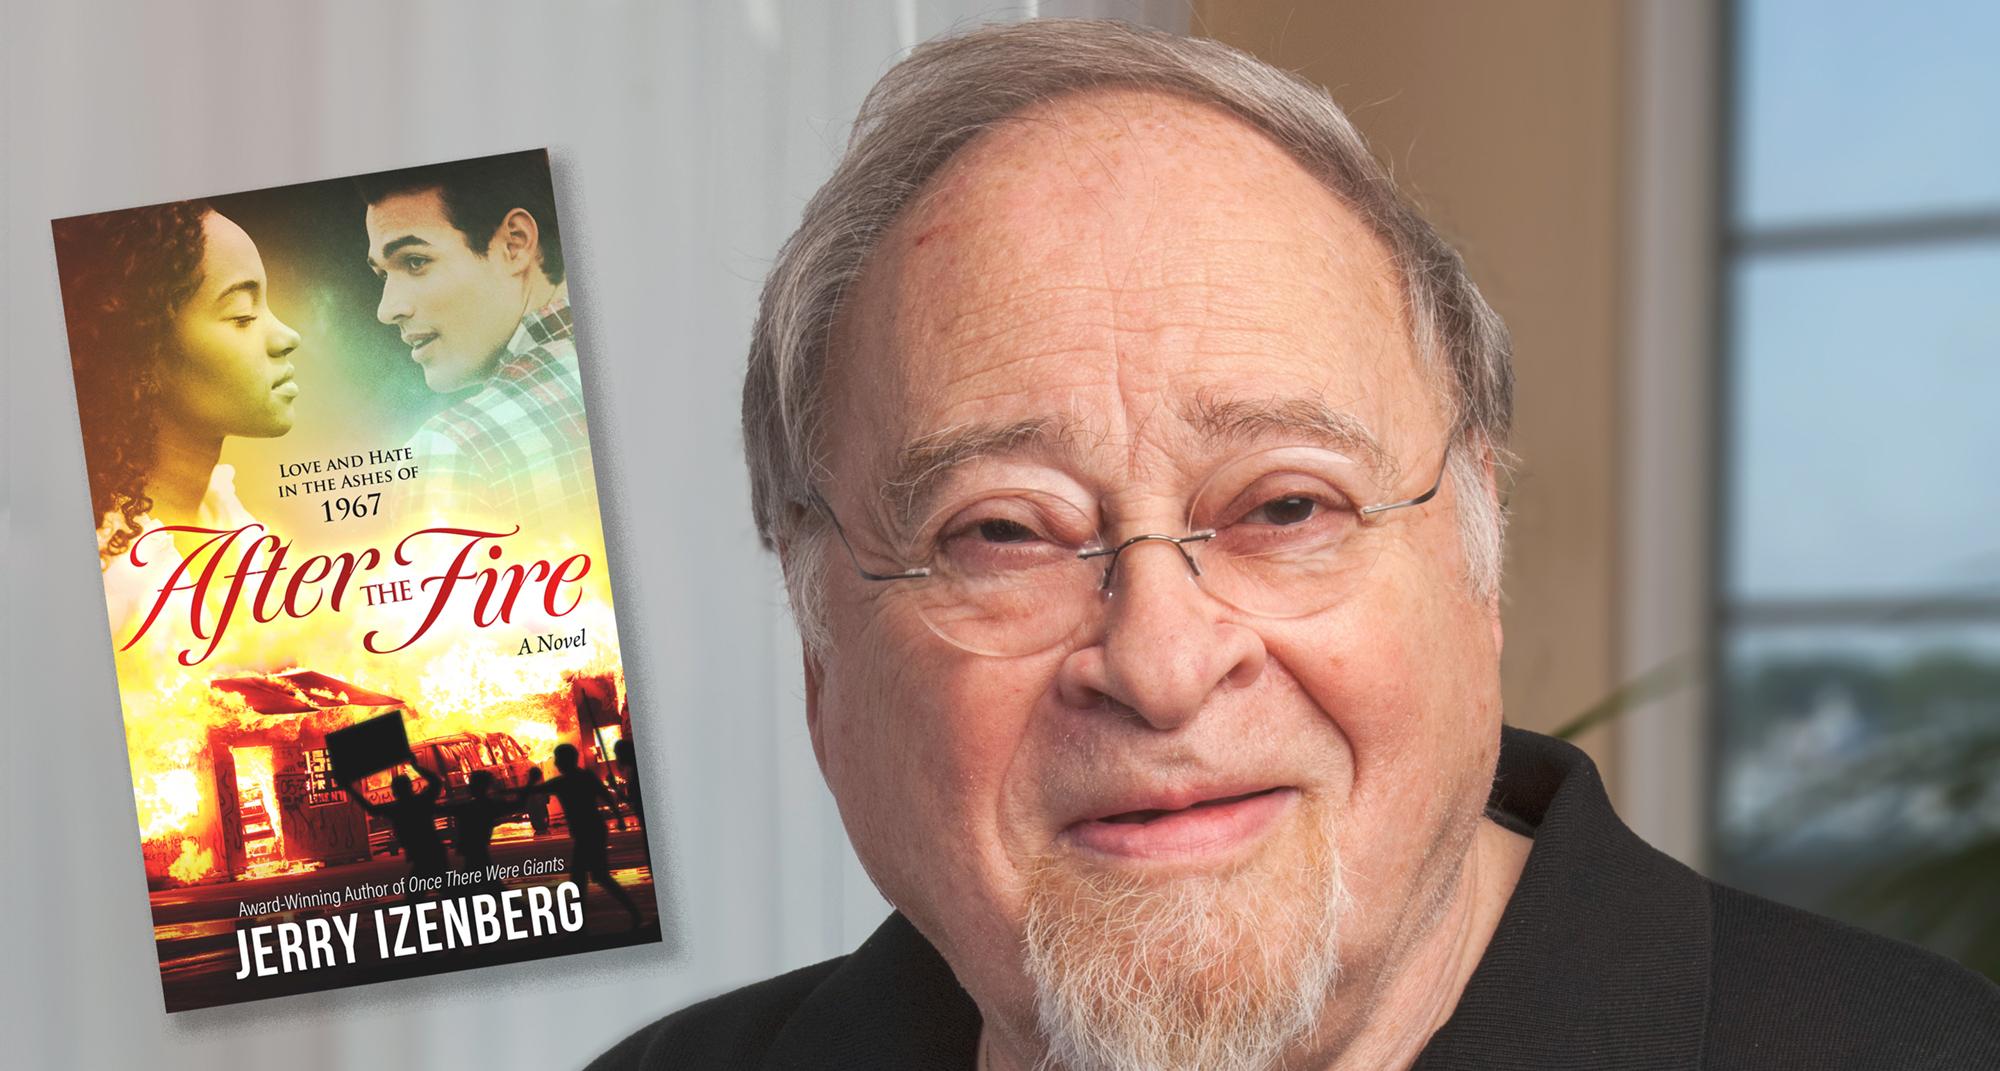 Jerry Izenberg